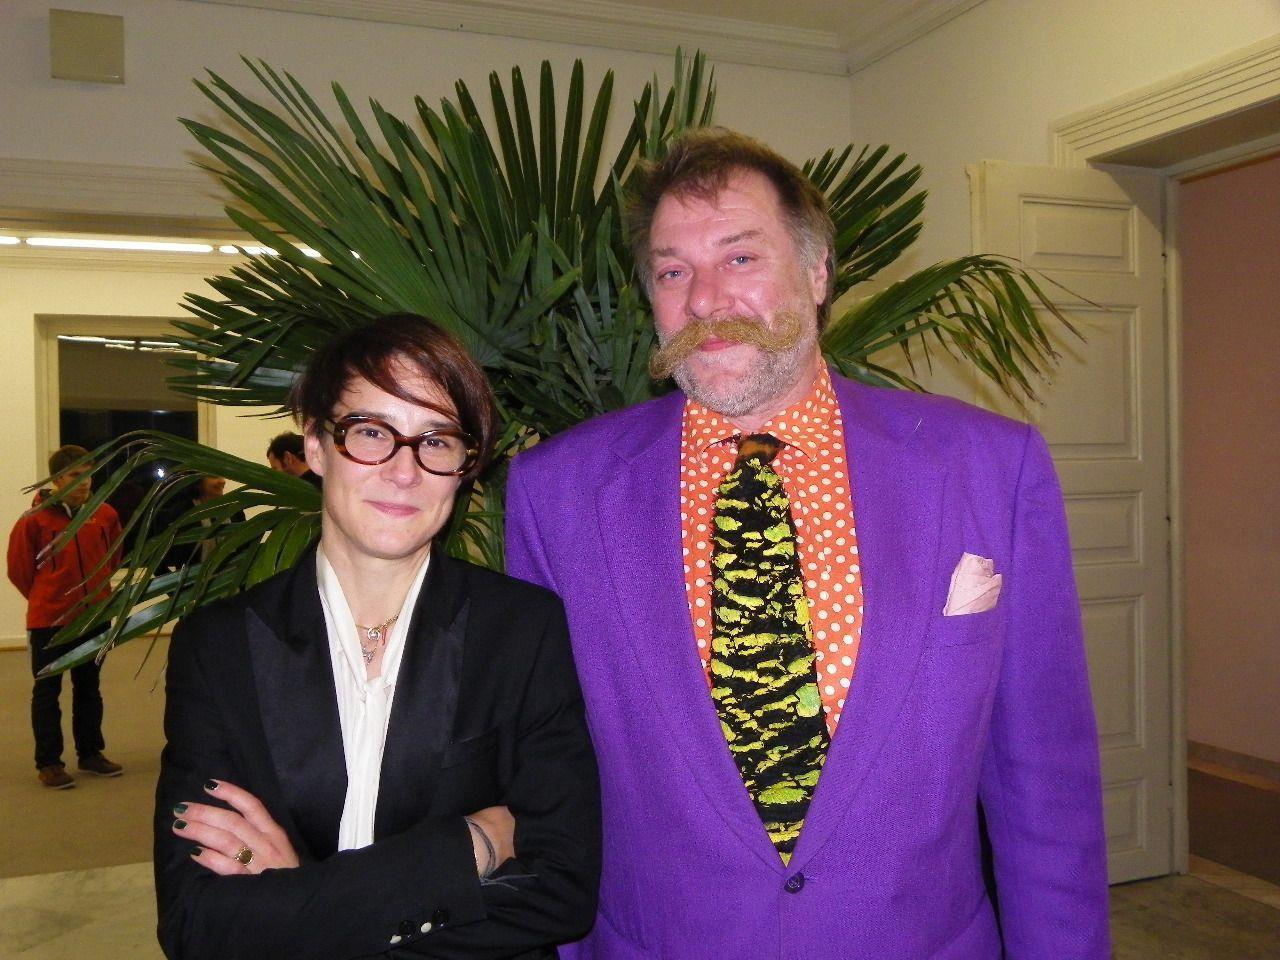 Künstlerin Susanne Winterling und Dr. Willi Meusburger, Präsident der Künstlervereinigung Vorarlberg